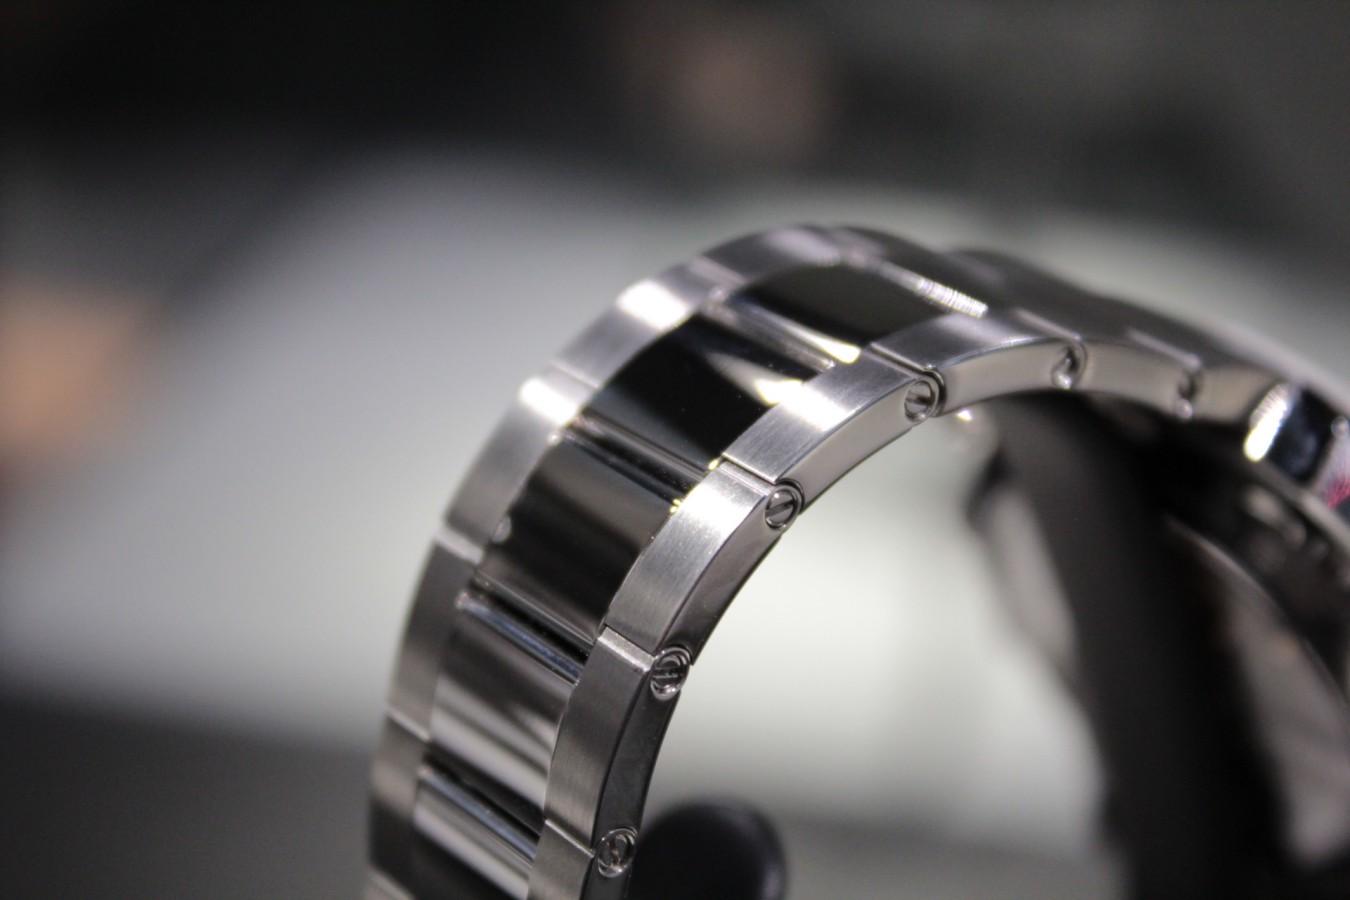 IMG_5527 美しいシルバーダイヤルが洗練された印象に!『クロノマスター エル・プリメロ オープン』 - CHRONOMASTER